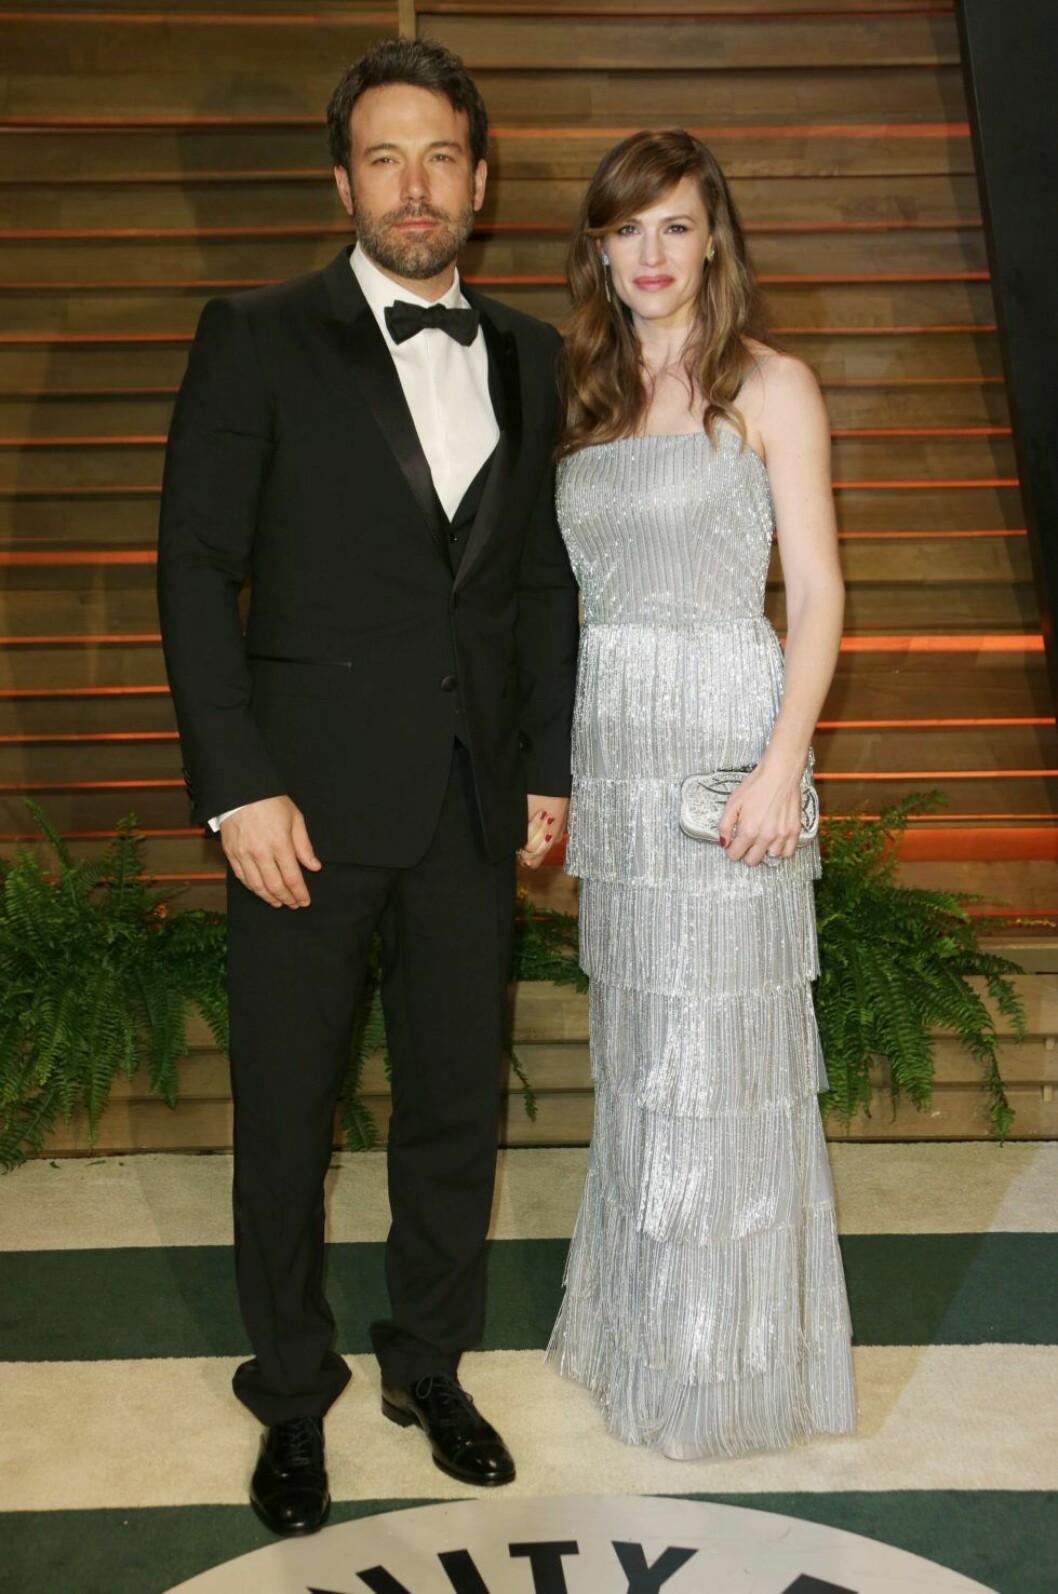 86th Annual Academy Awards Oscars, Vanity Fair Party, Los Angeles, America - 02 Mar 2014